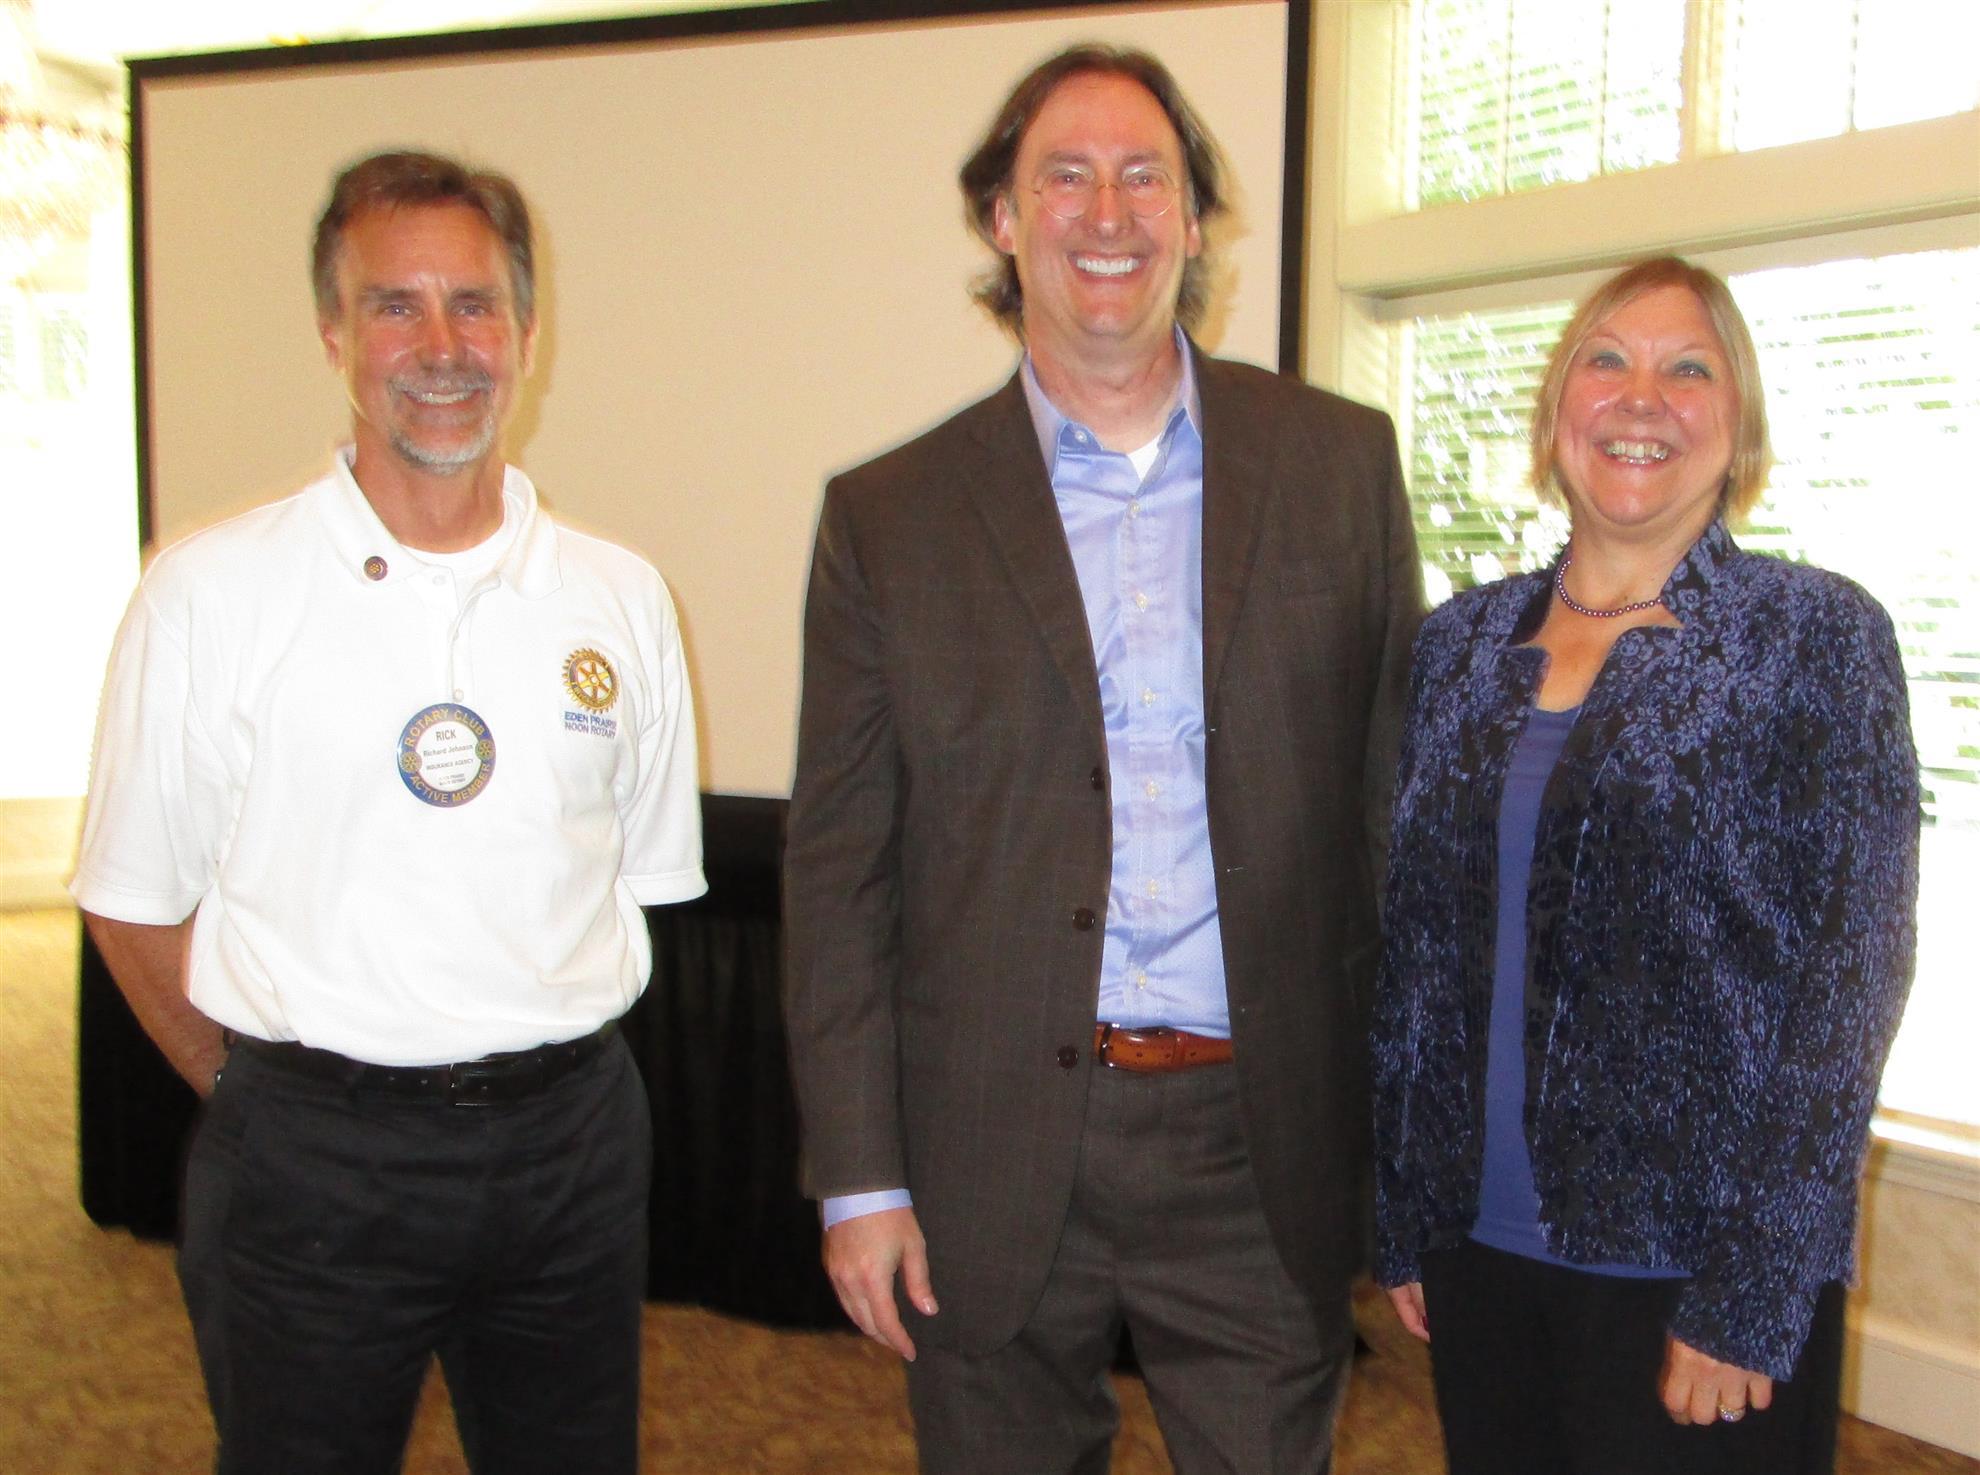 Stories | Rotary Club of Eden Prairie AM